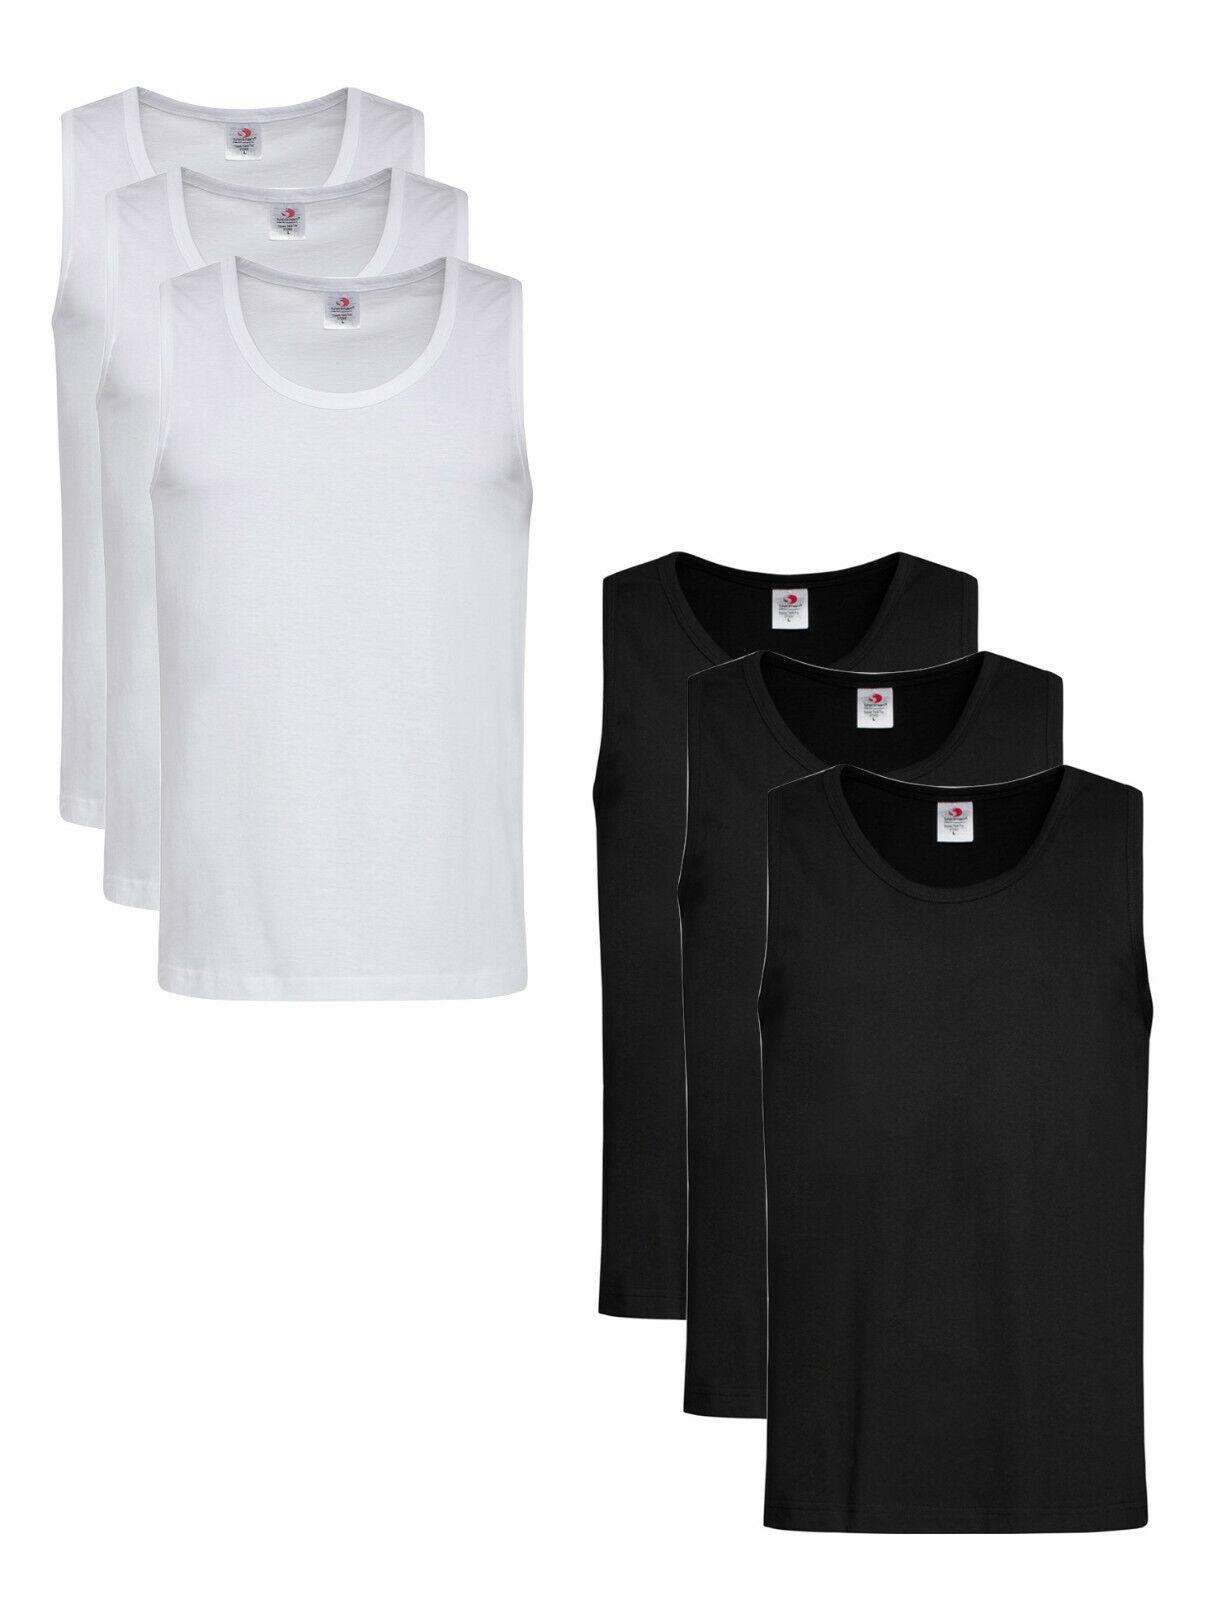 3-Pack Stedman BLACK or WHITE Cotton Tank Tops Vest Sleevele